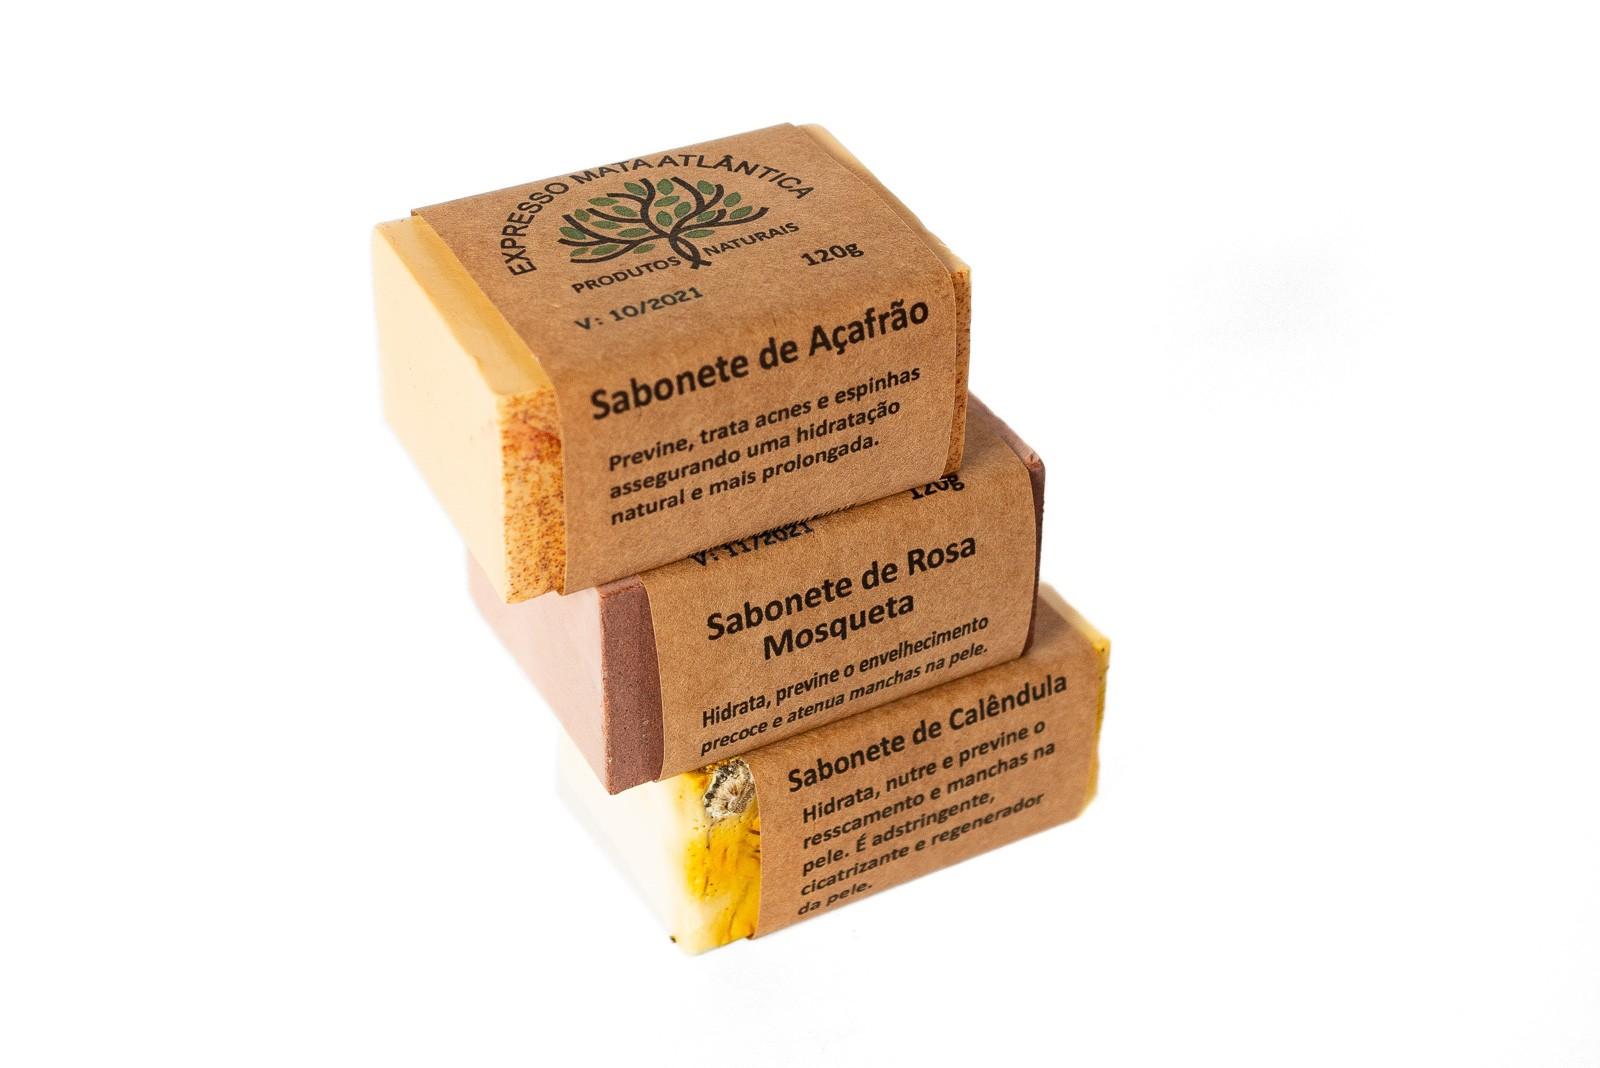 Kit Sabonetes Veganos Açafrão, Rosa Mosqueta, Calêndula da Expresso Mata Atlântica